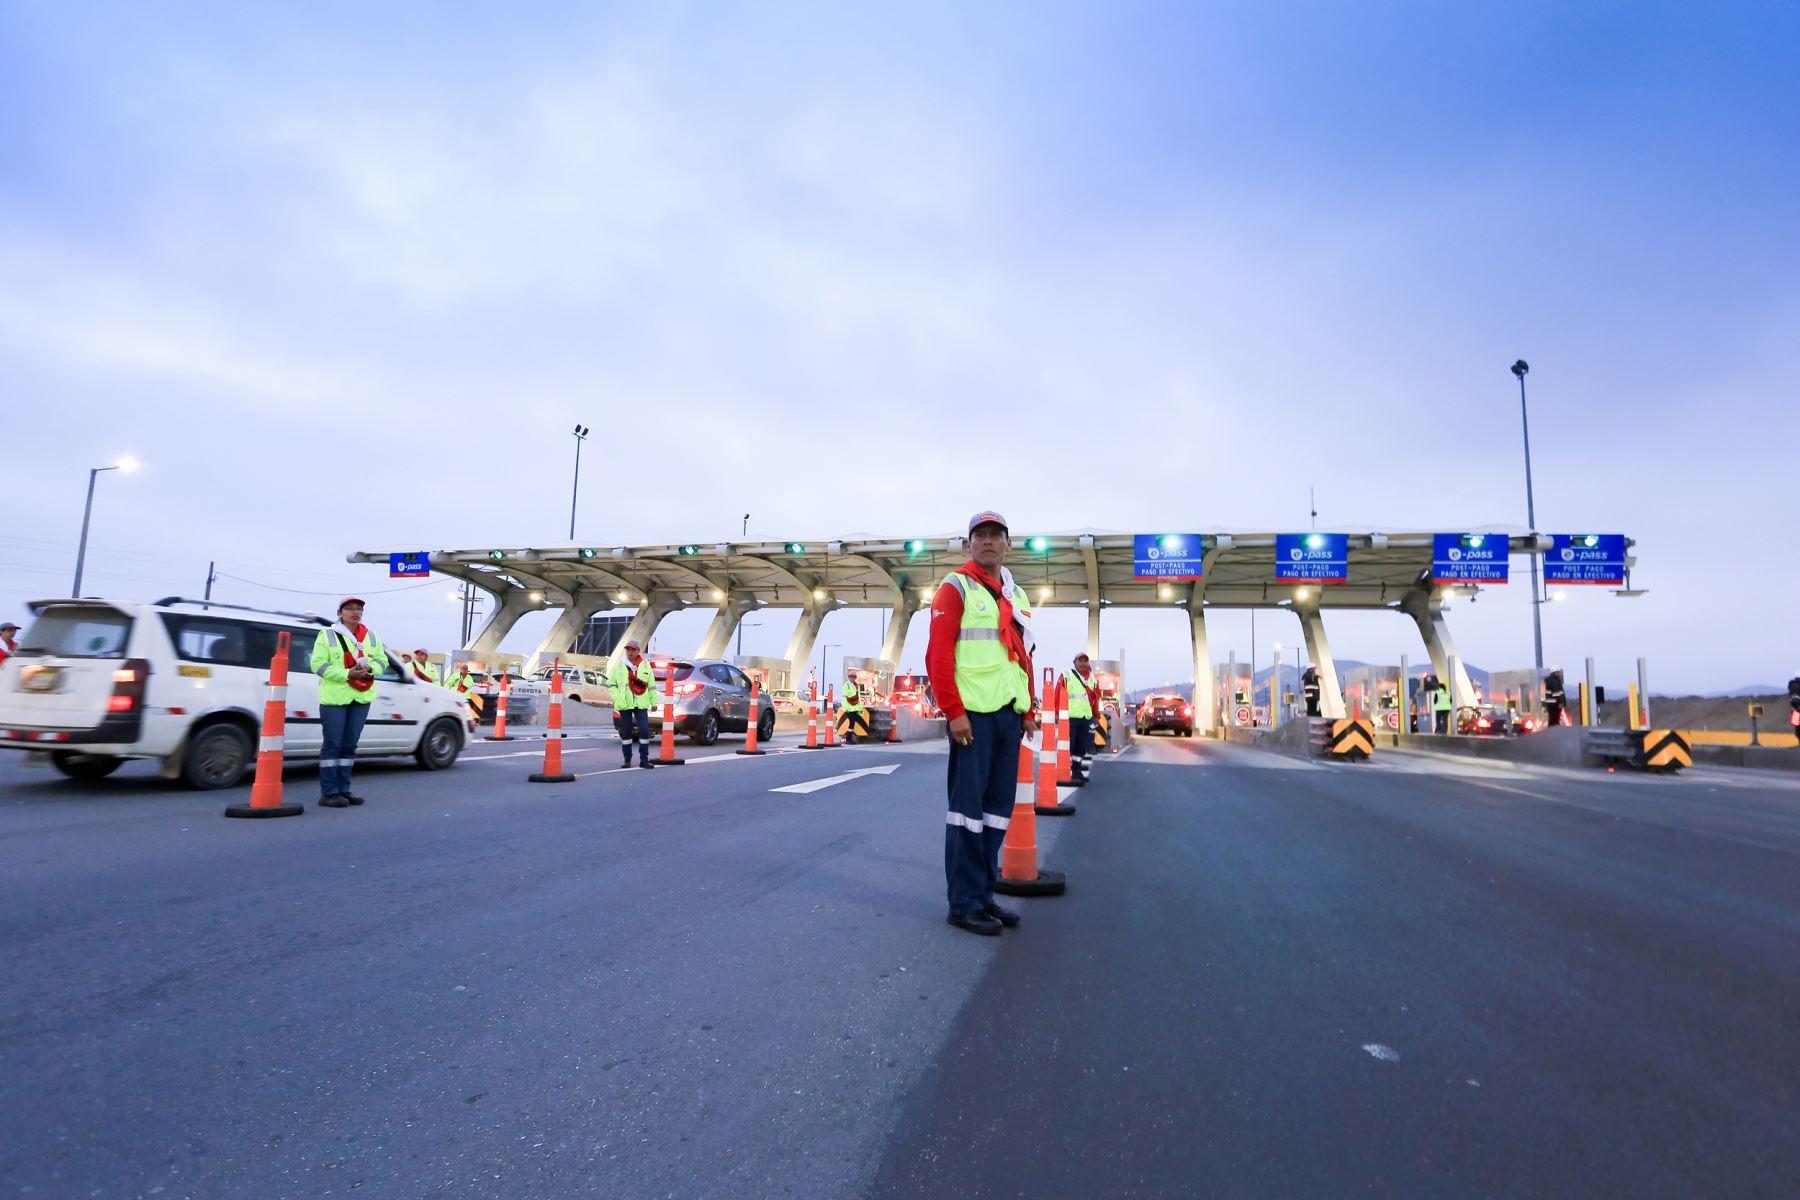 Nuevo peaje permitirá recuperar inversión hecha en obras, señala concesionaria. Foto: Rutas de Lima